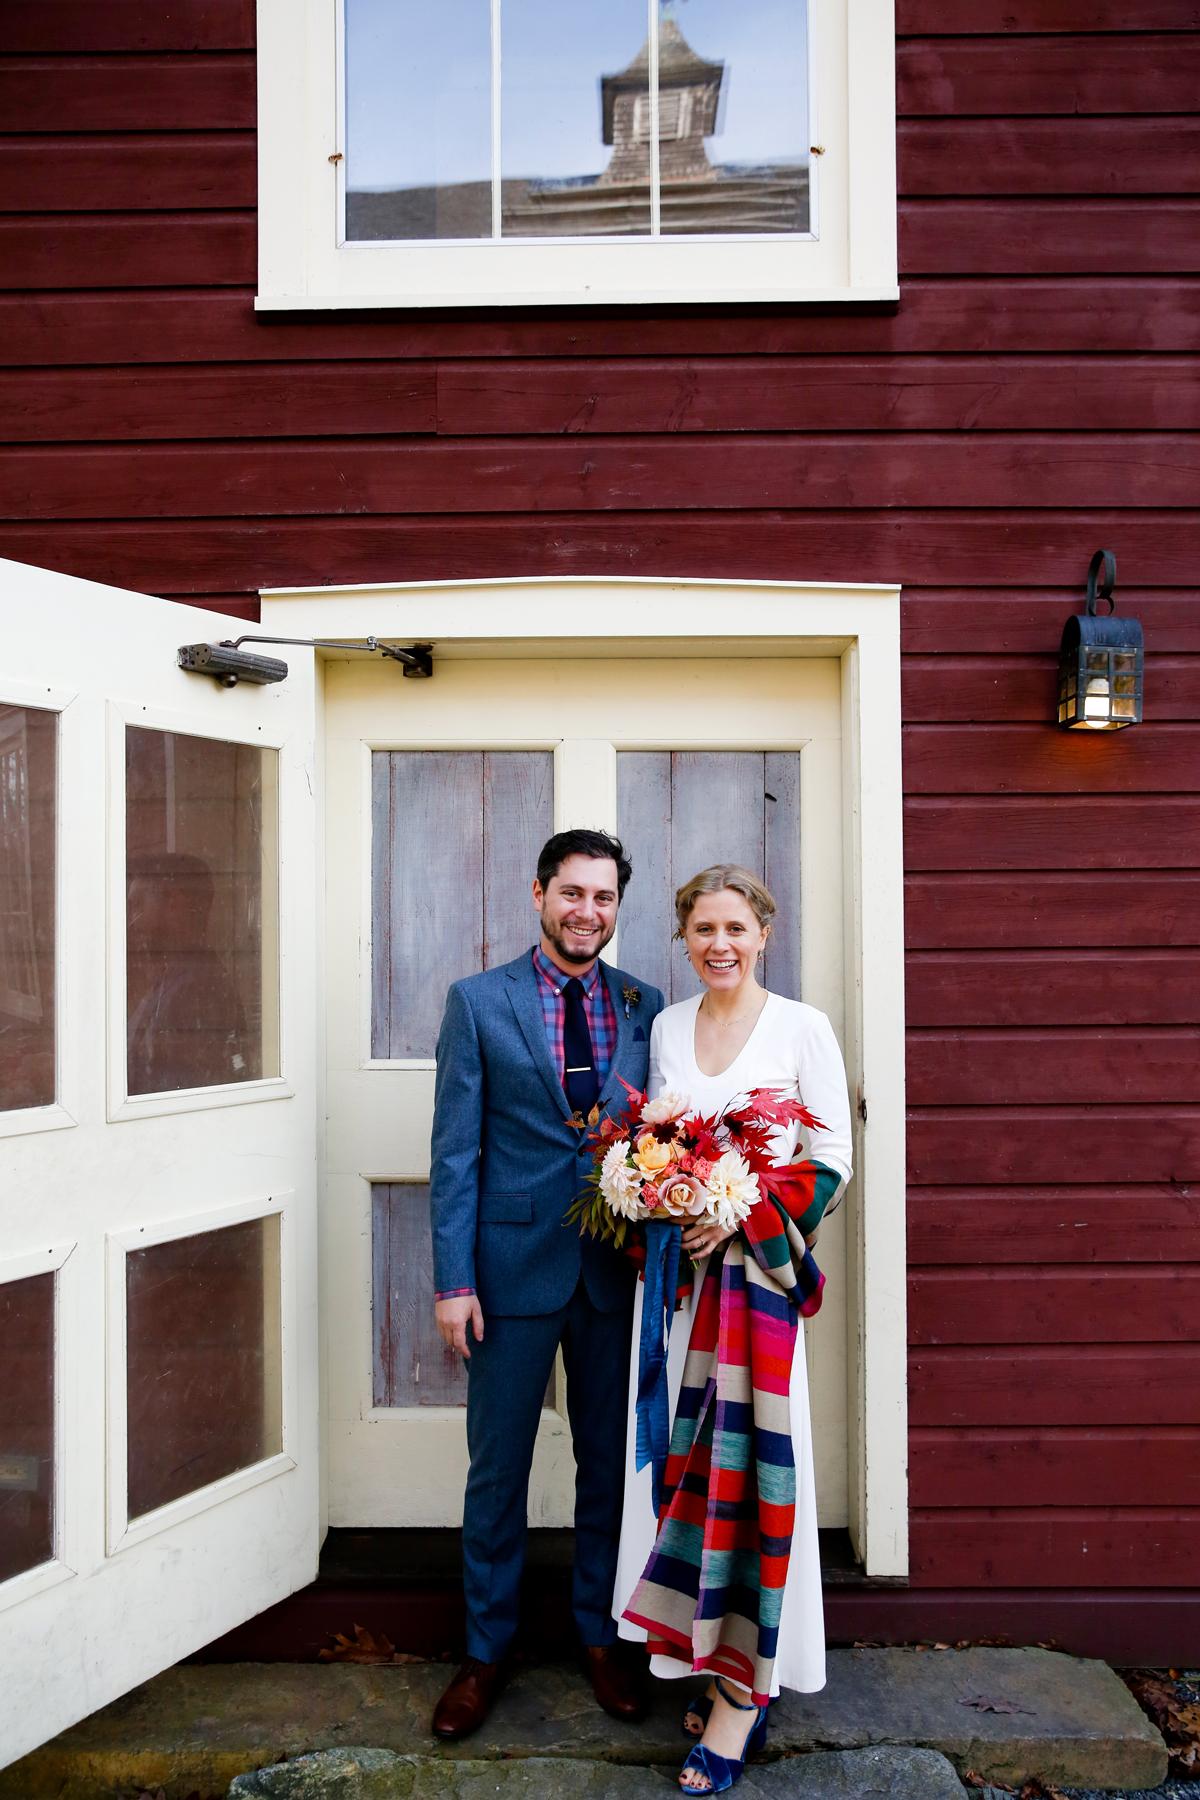 tory jonathan wedding couple in front of door